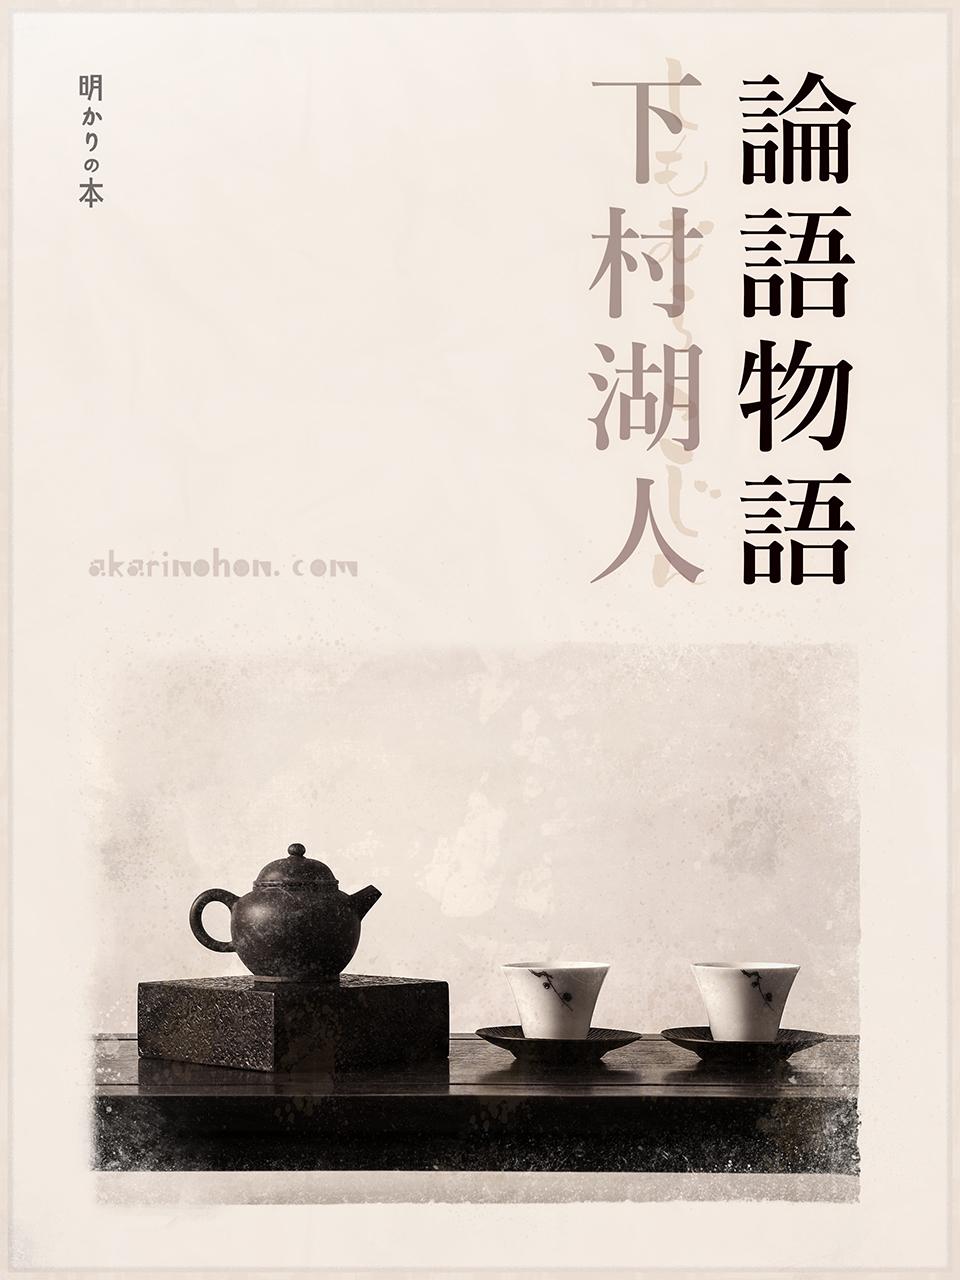 0000 - 論語物語(3) 下村湖人